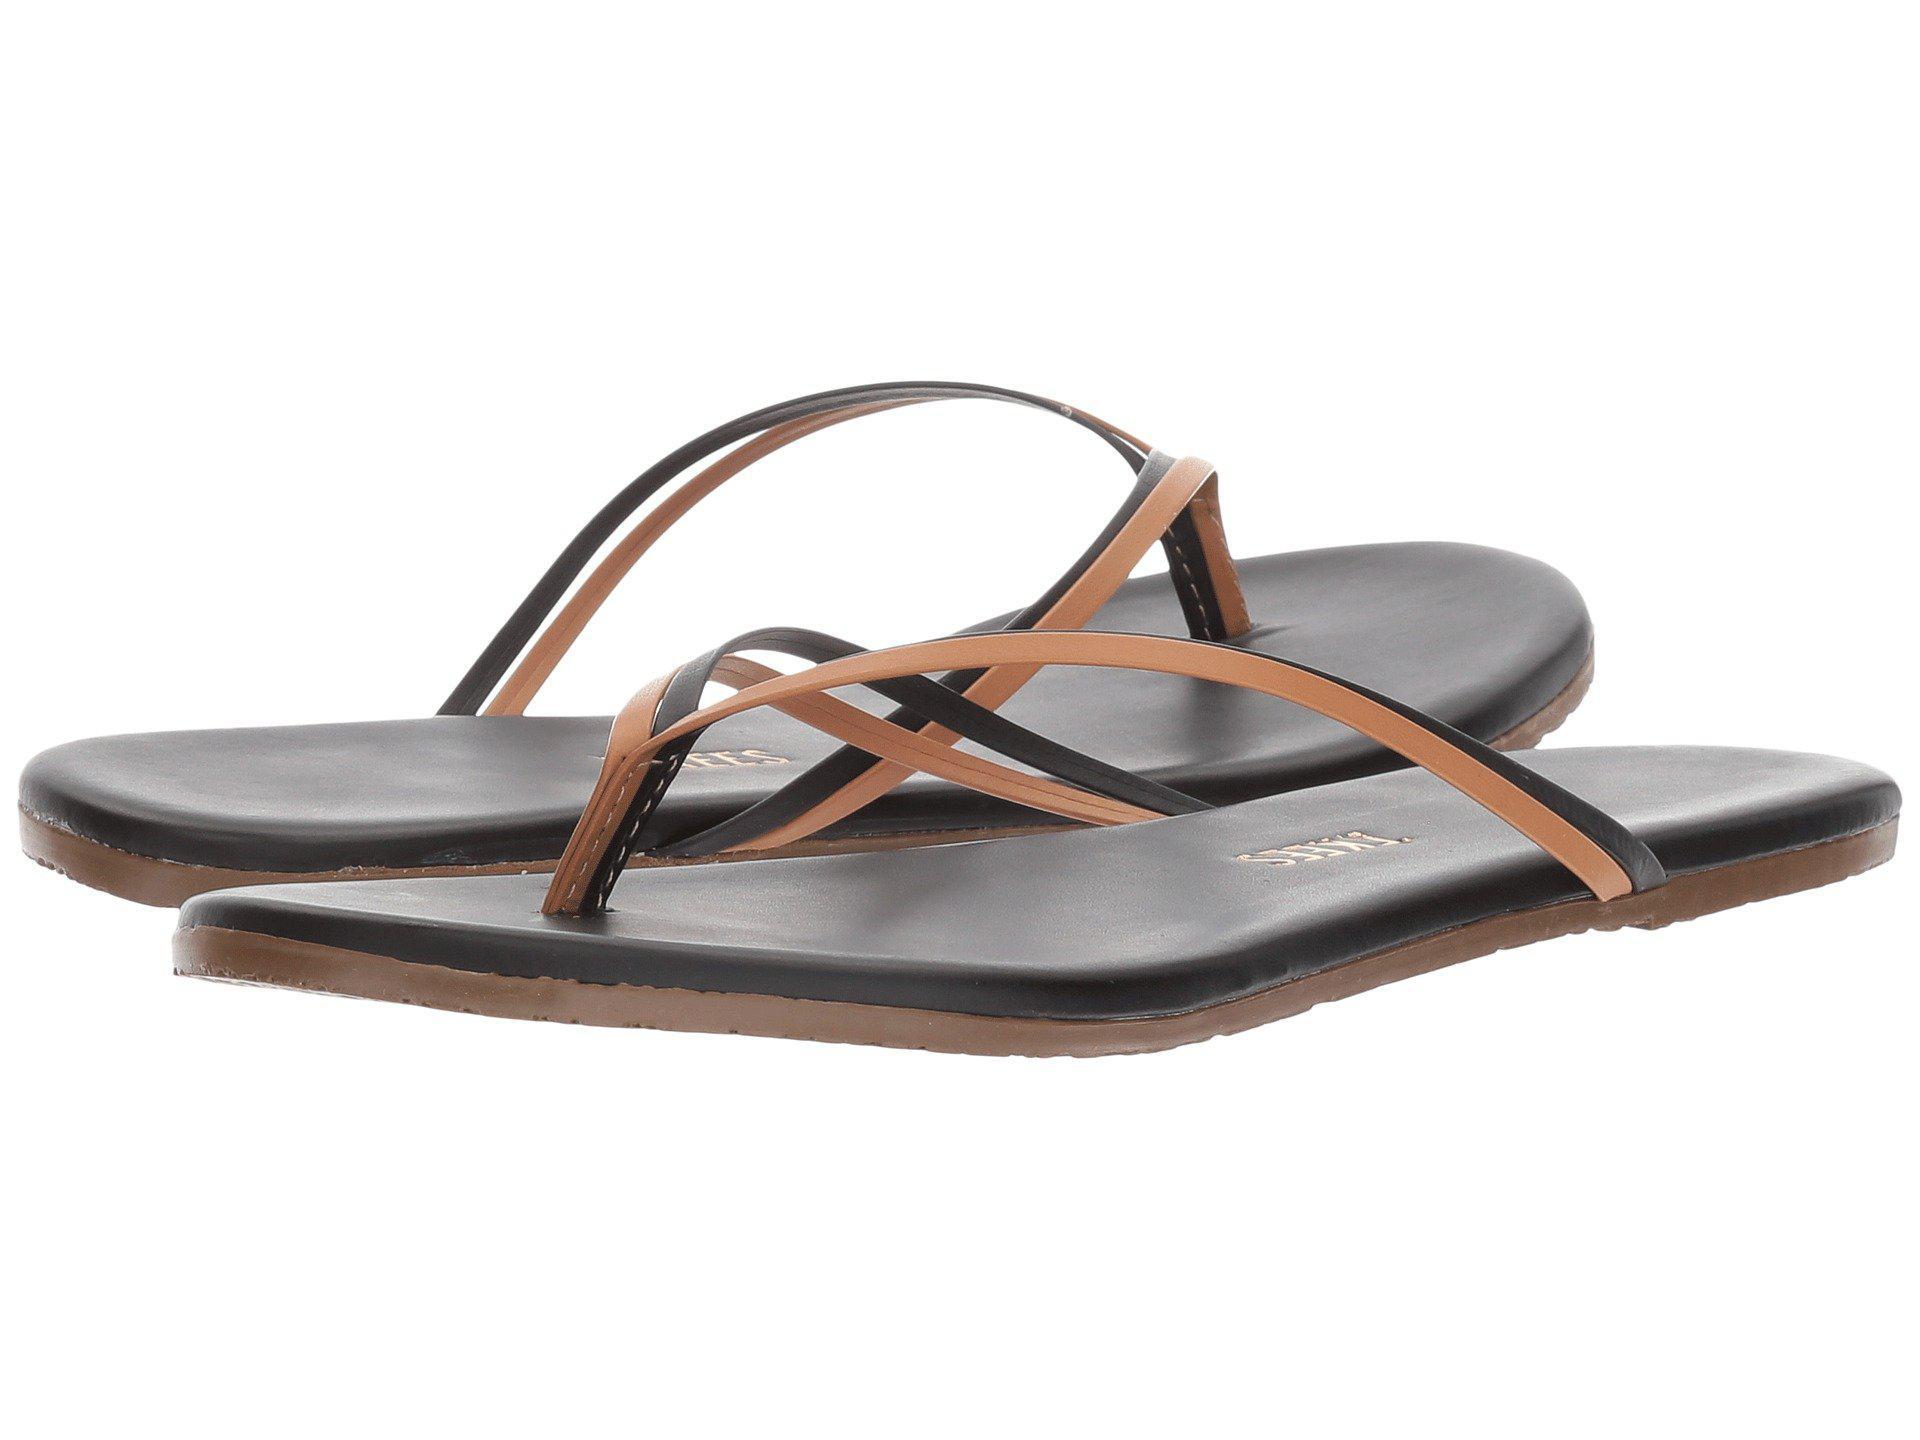 f2590b746da Lyst - TKEES Flip-flop-duos (brownie) Women s Toe Open Shoes